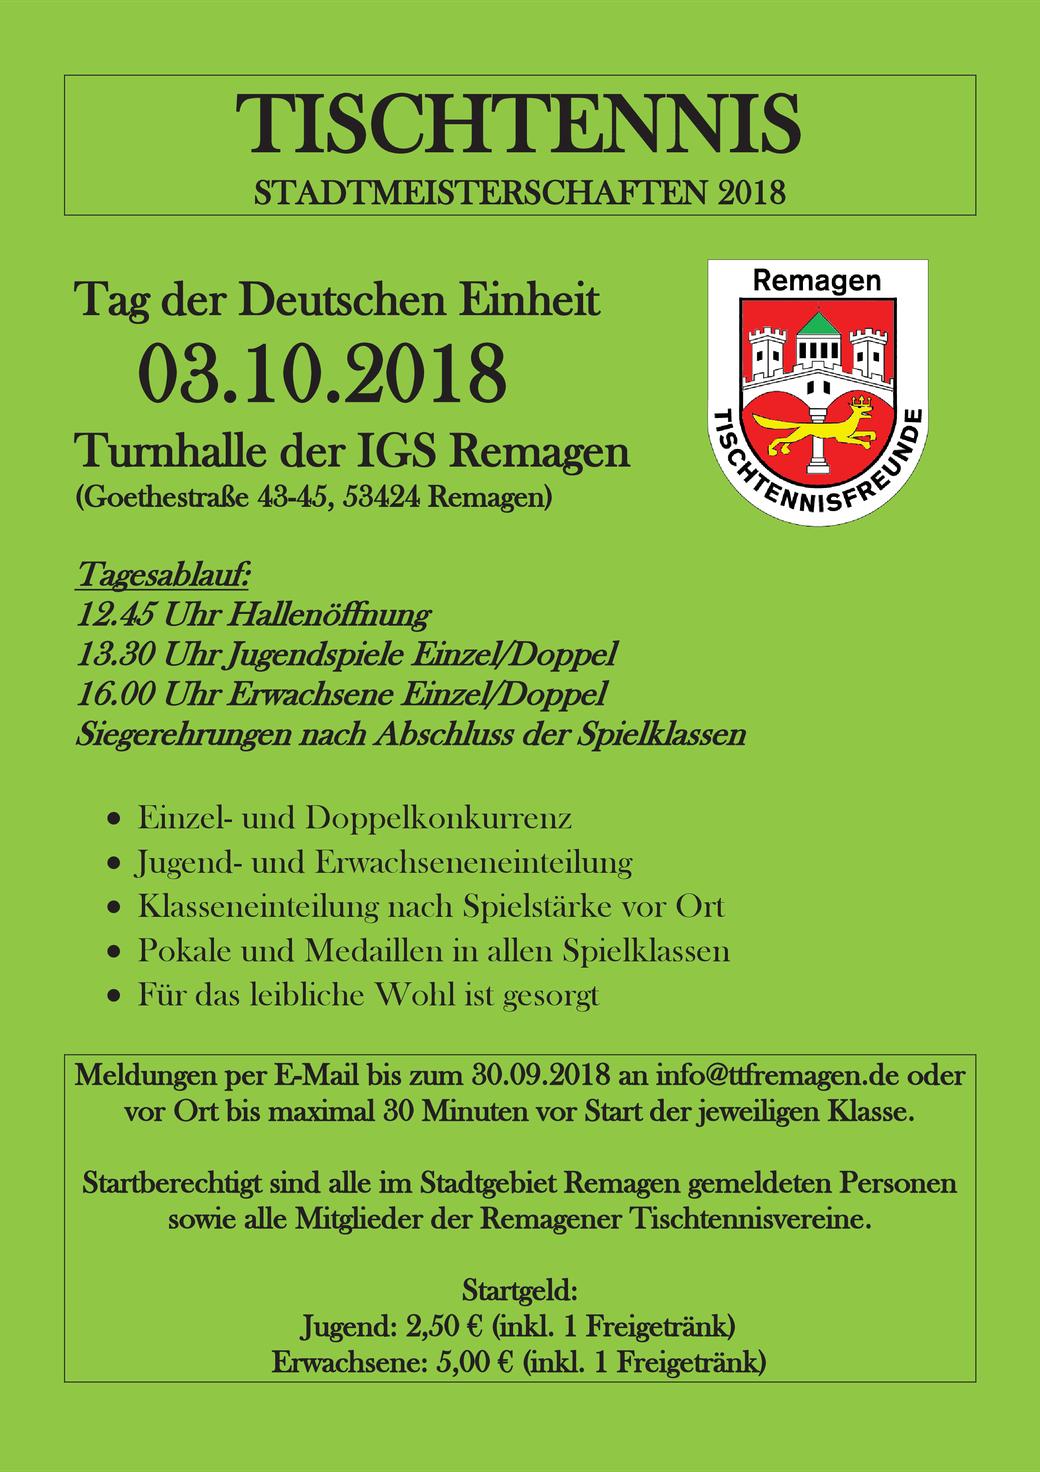 Einladung Tischtennis Stadtmeisterschaften 2018 in Remagen